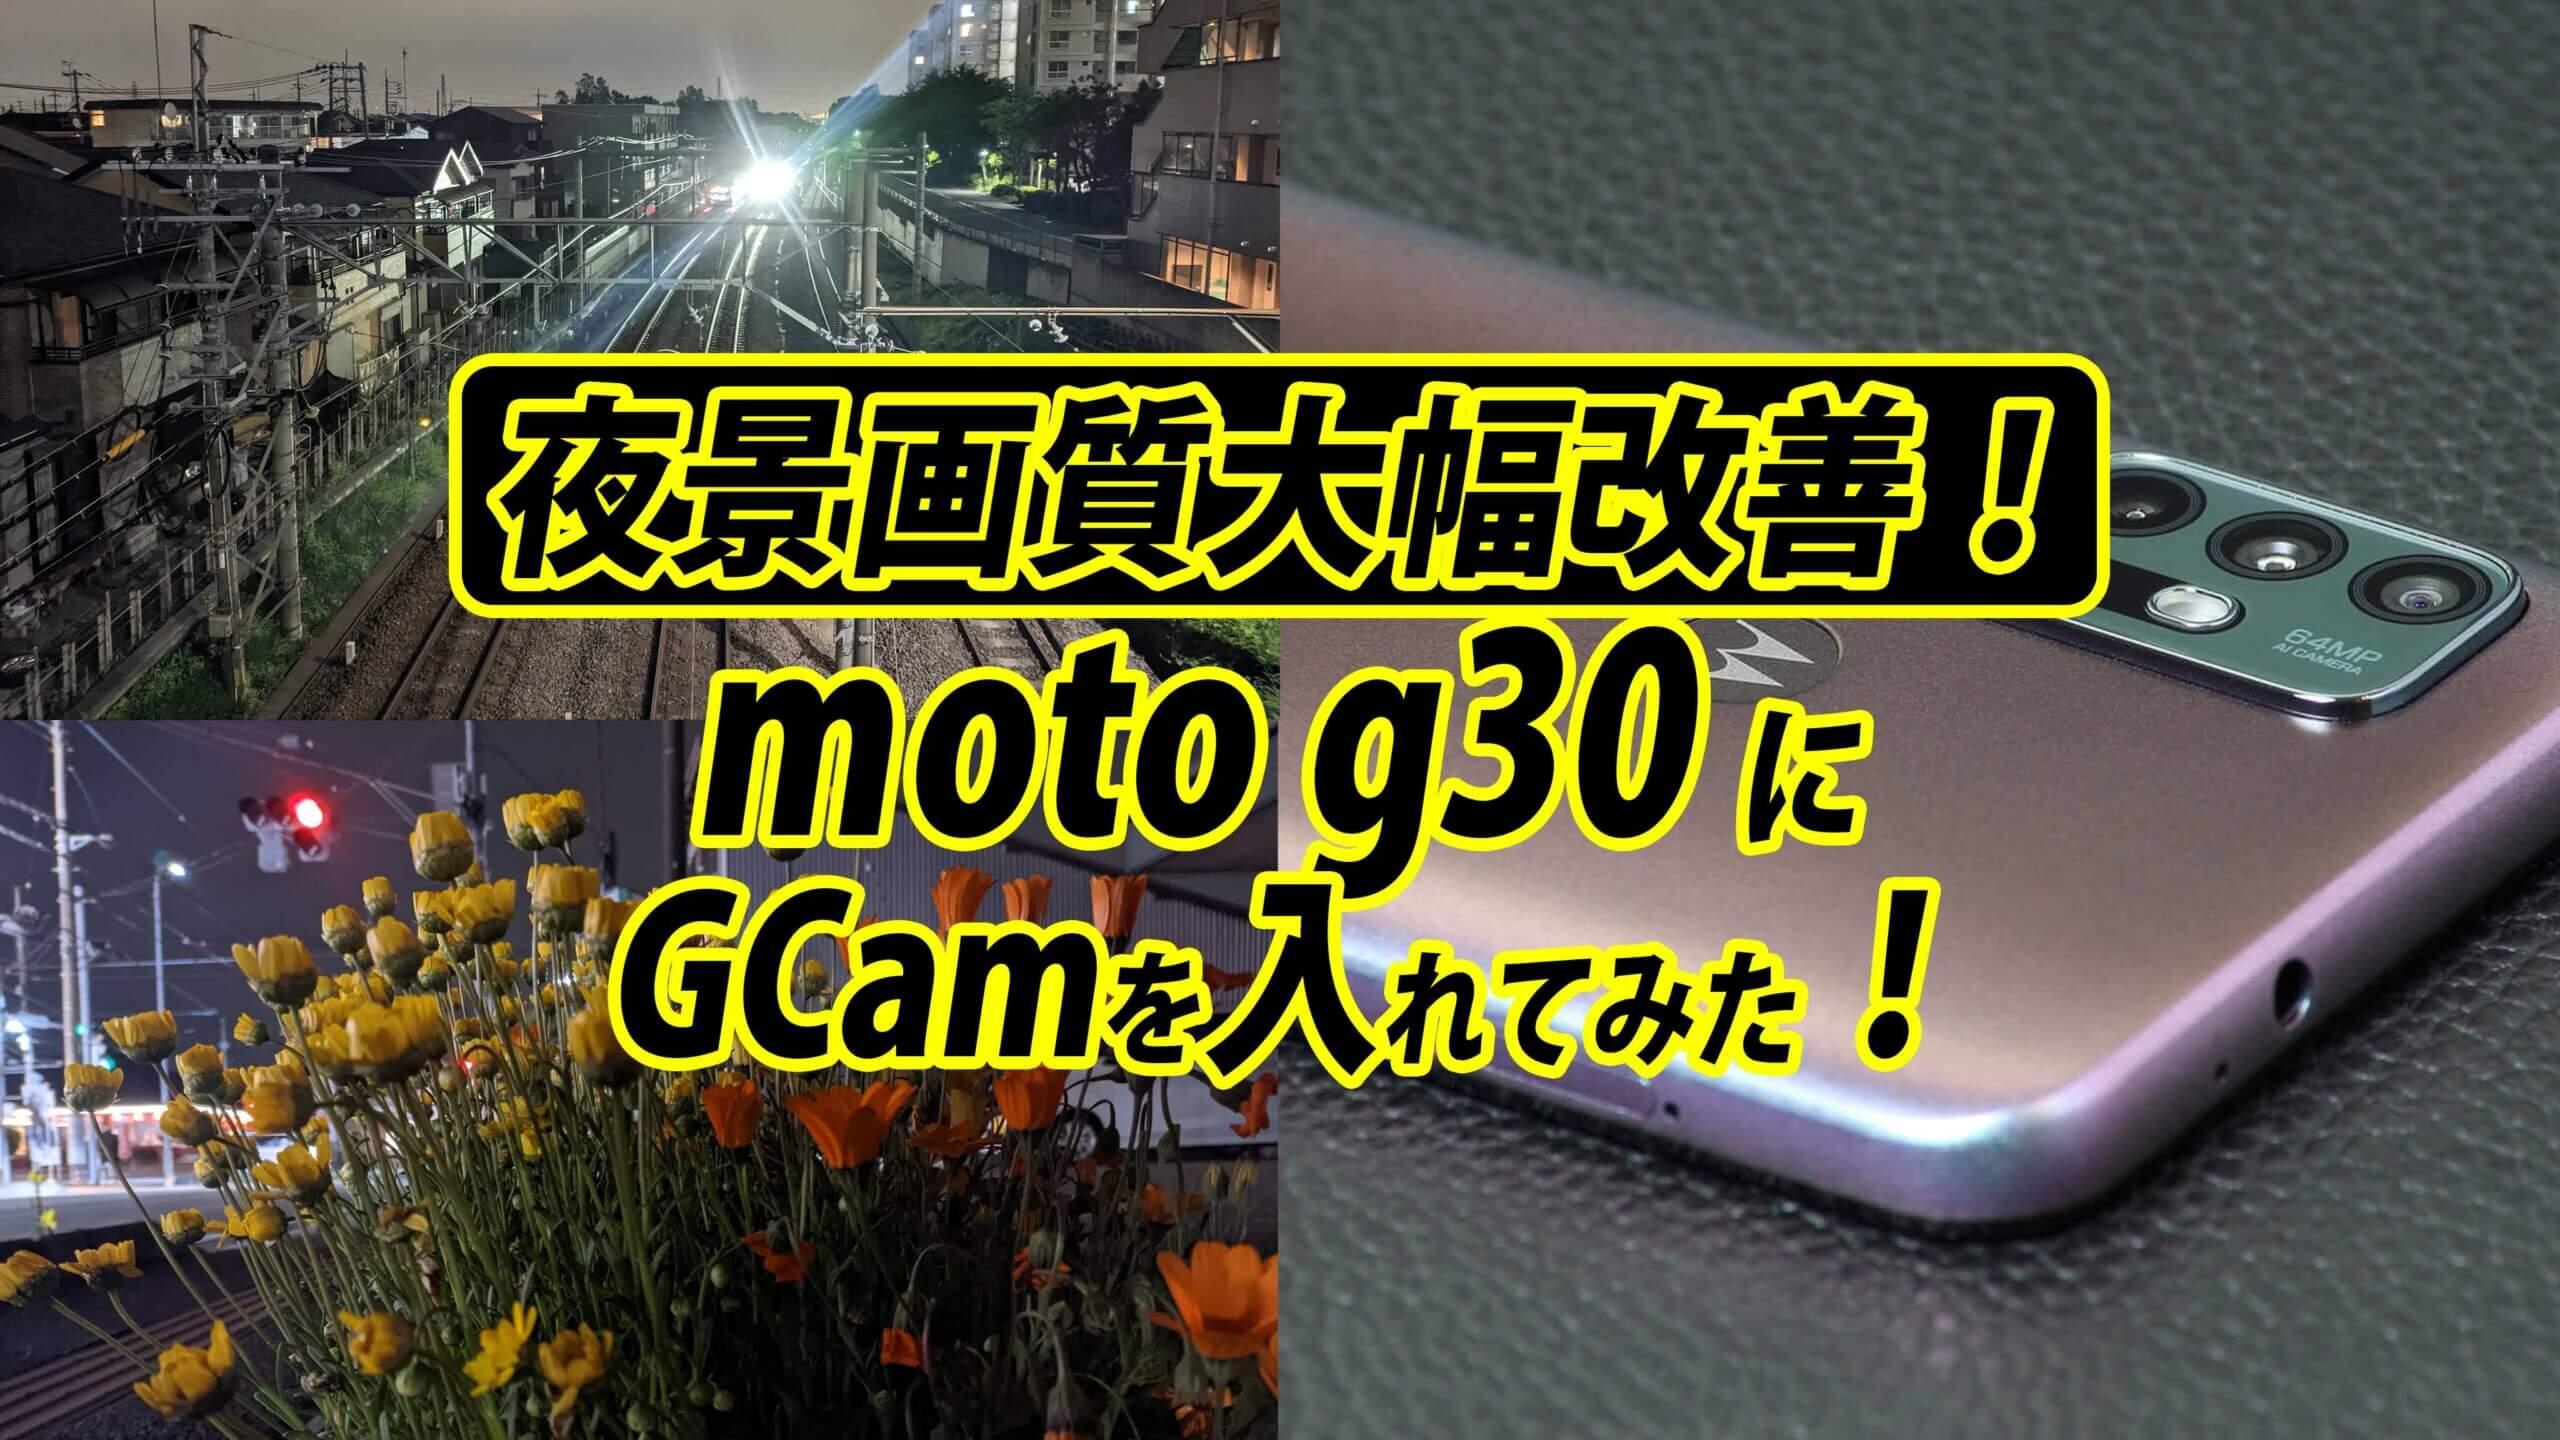 moto g30にGCamをインストールしたら夜景のカメラ画質が大幅改善